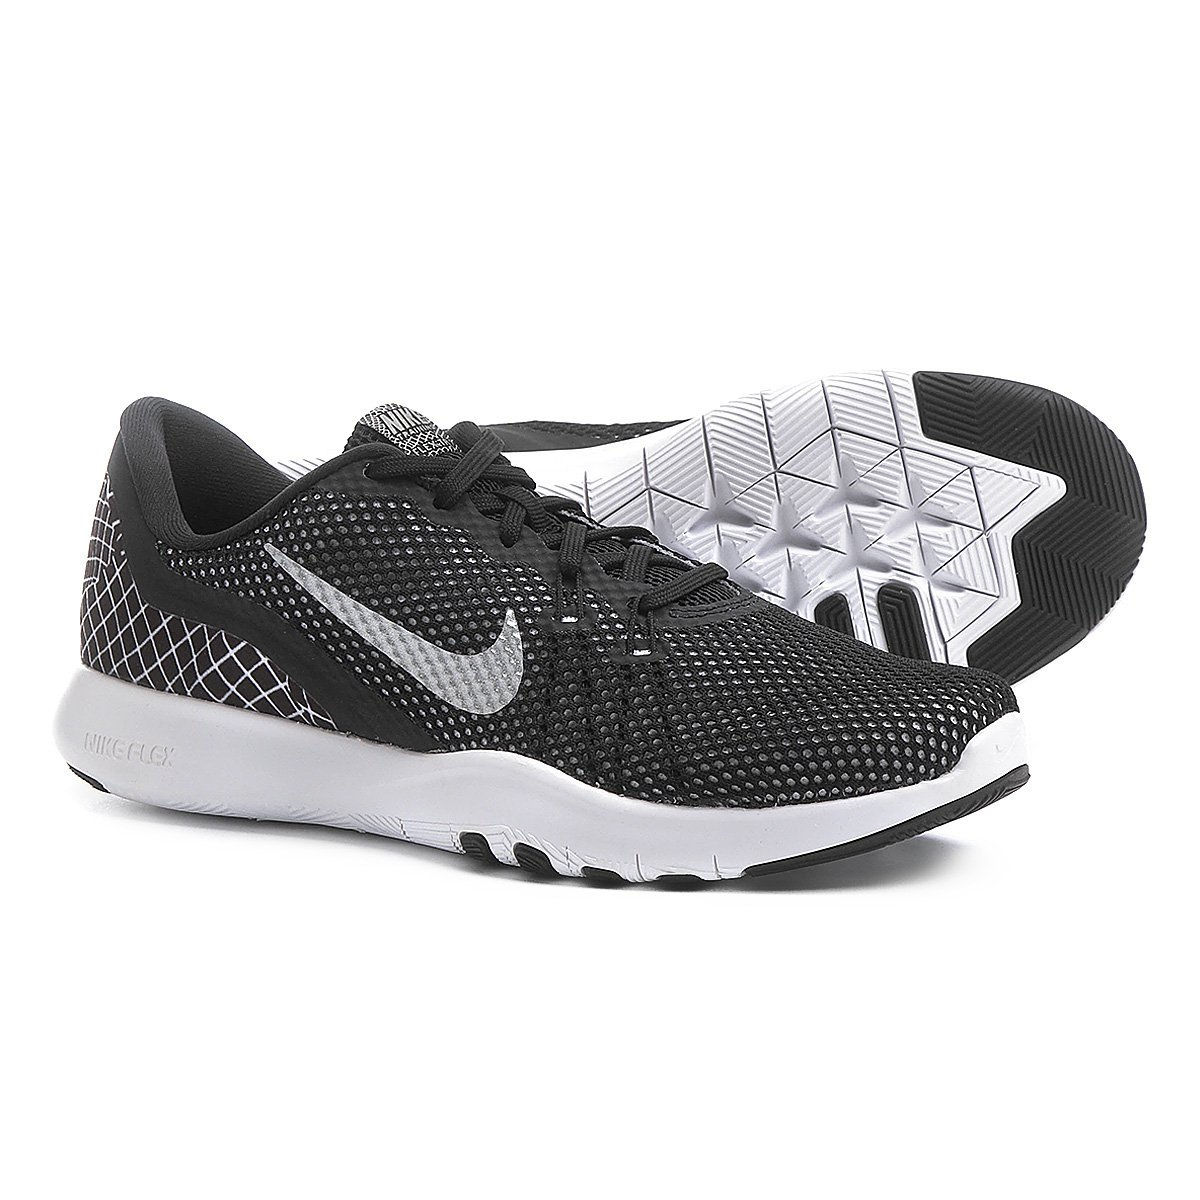 Tênis Nike Flex TR 7 Feminino - Compre Agora  9eec53a51491b